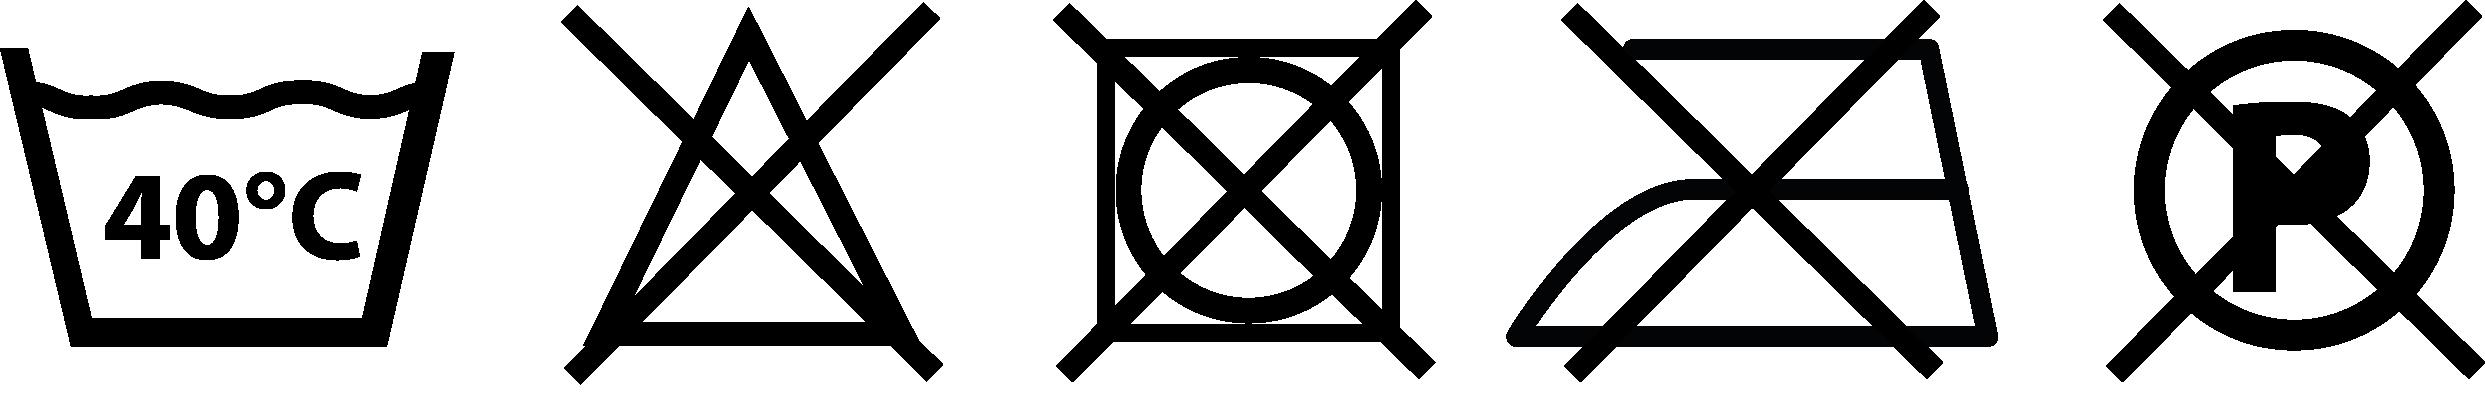 Viren-EX-Maske